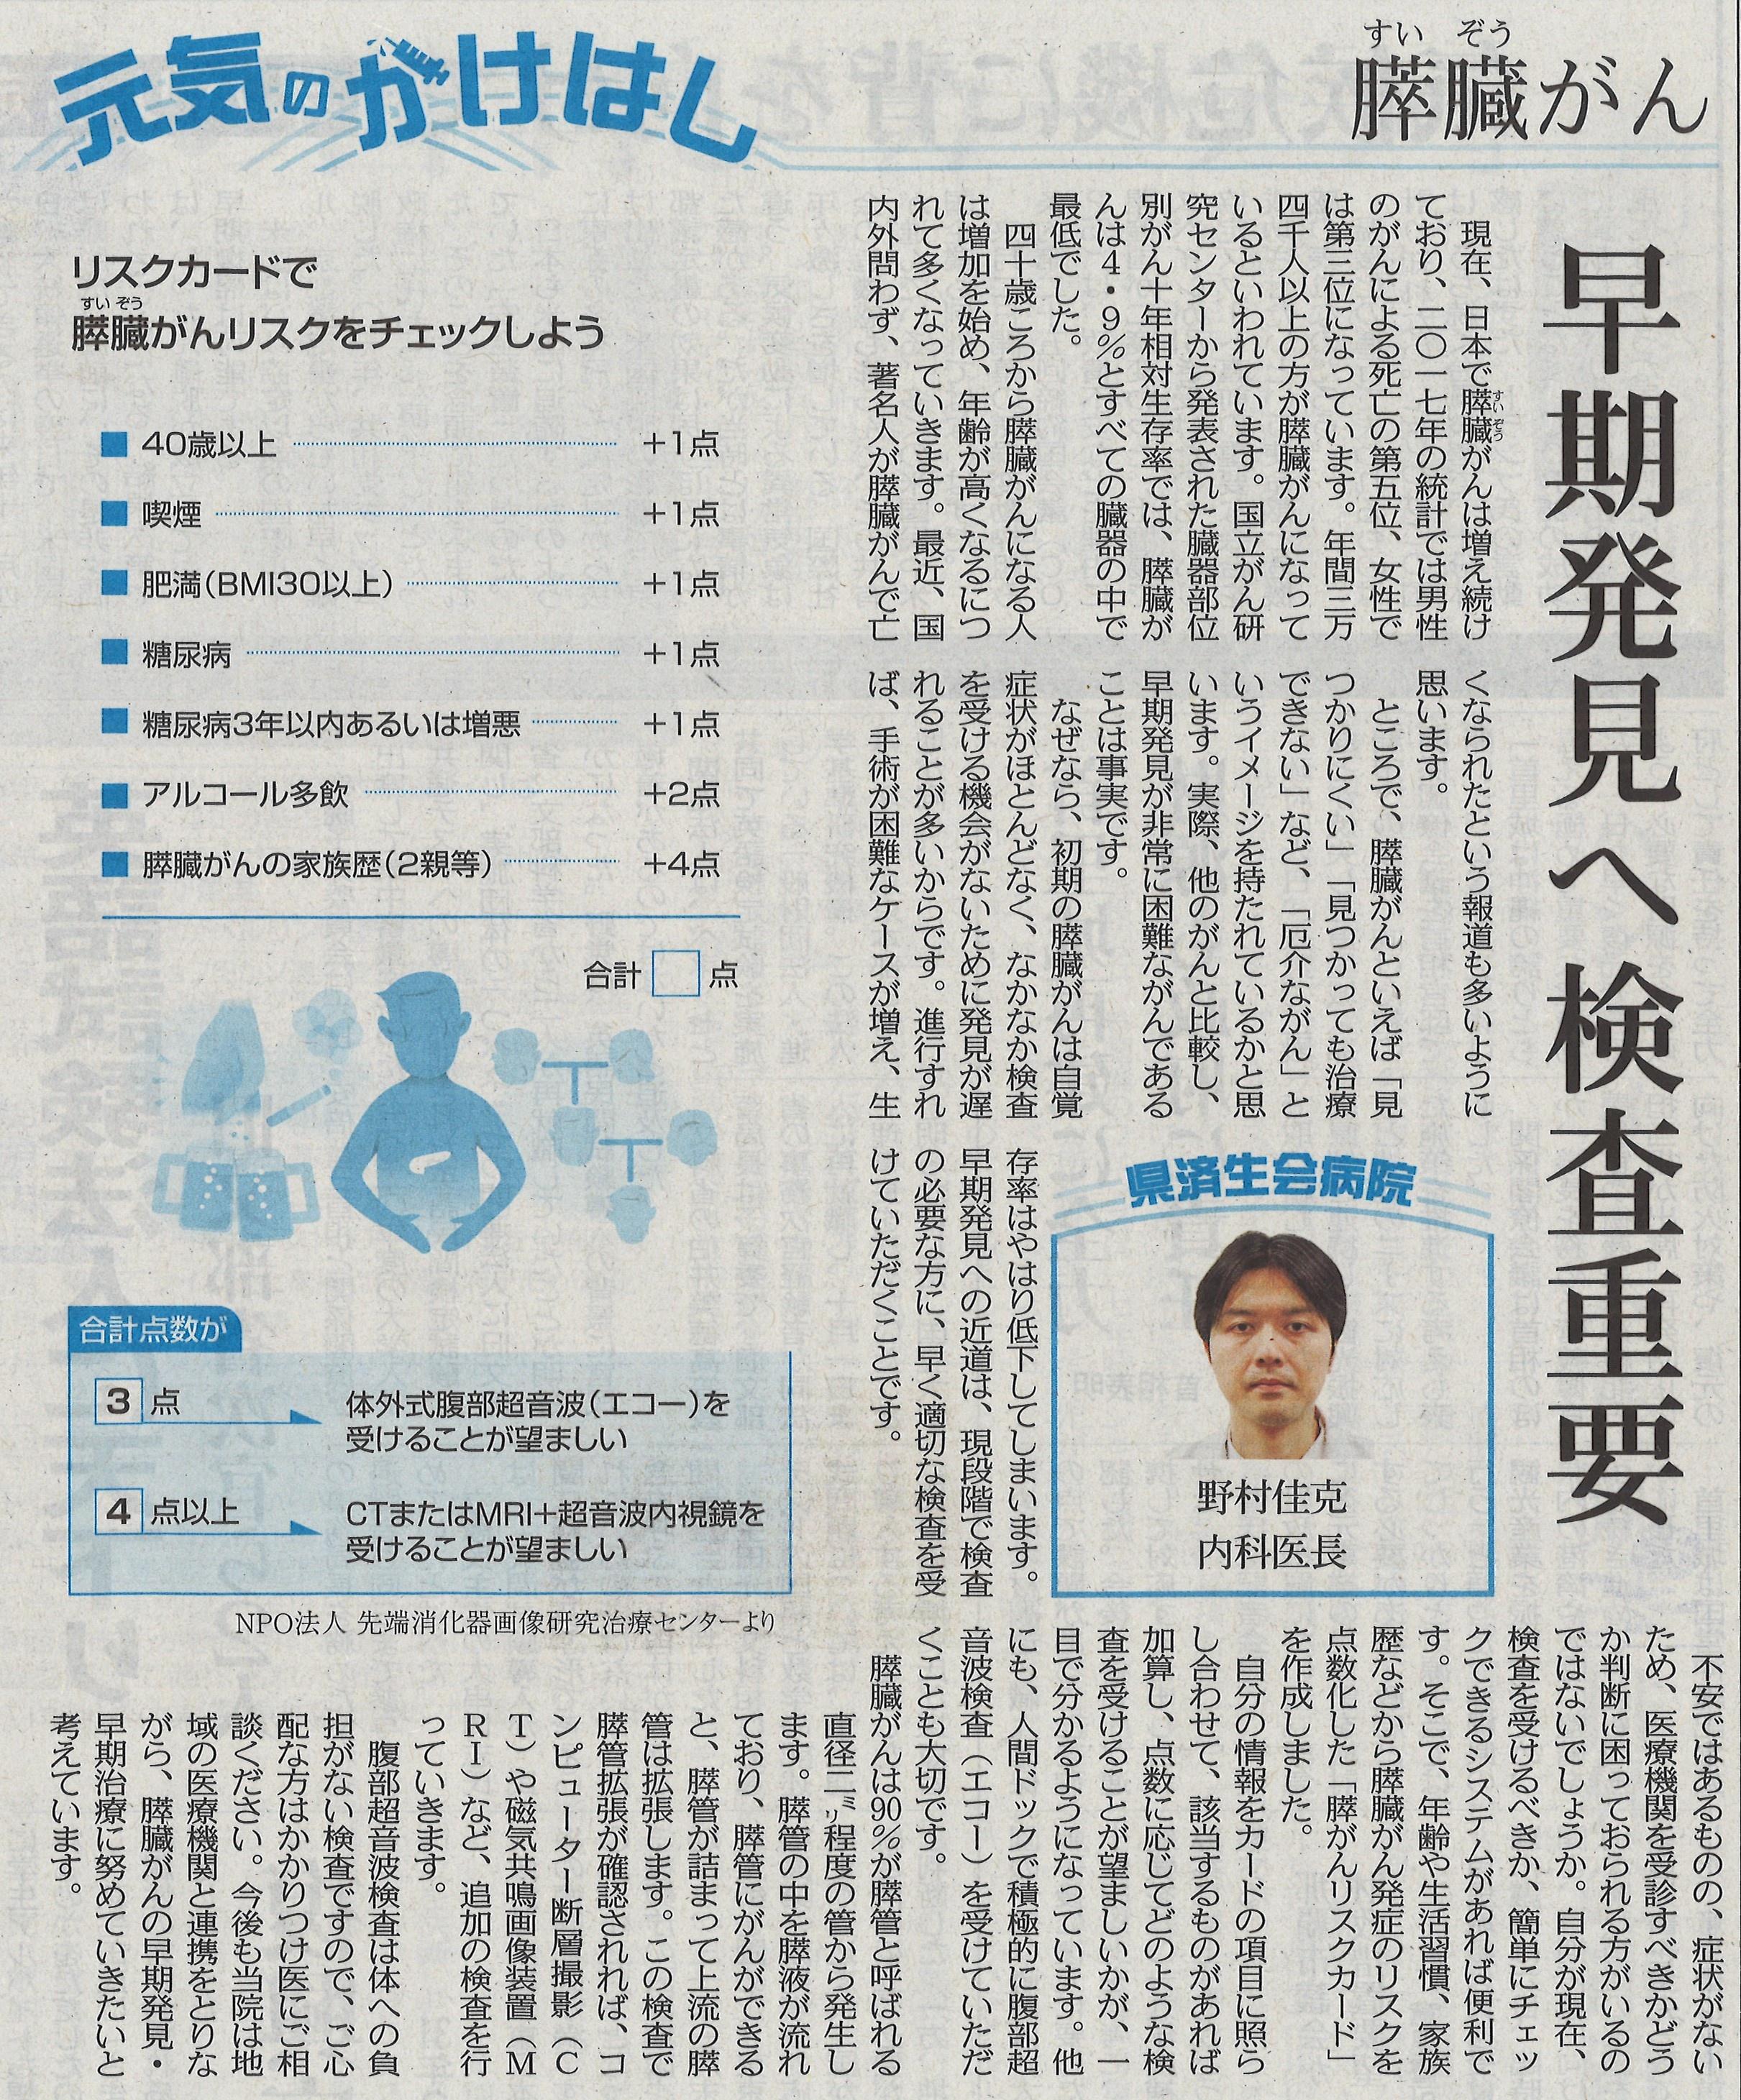 2019年10月17日 日刊県民福井